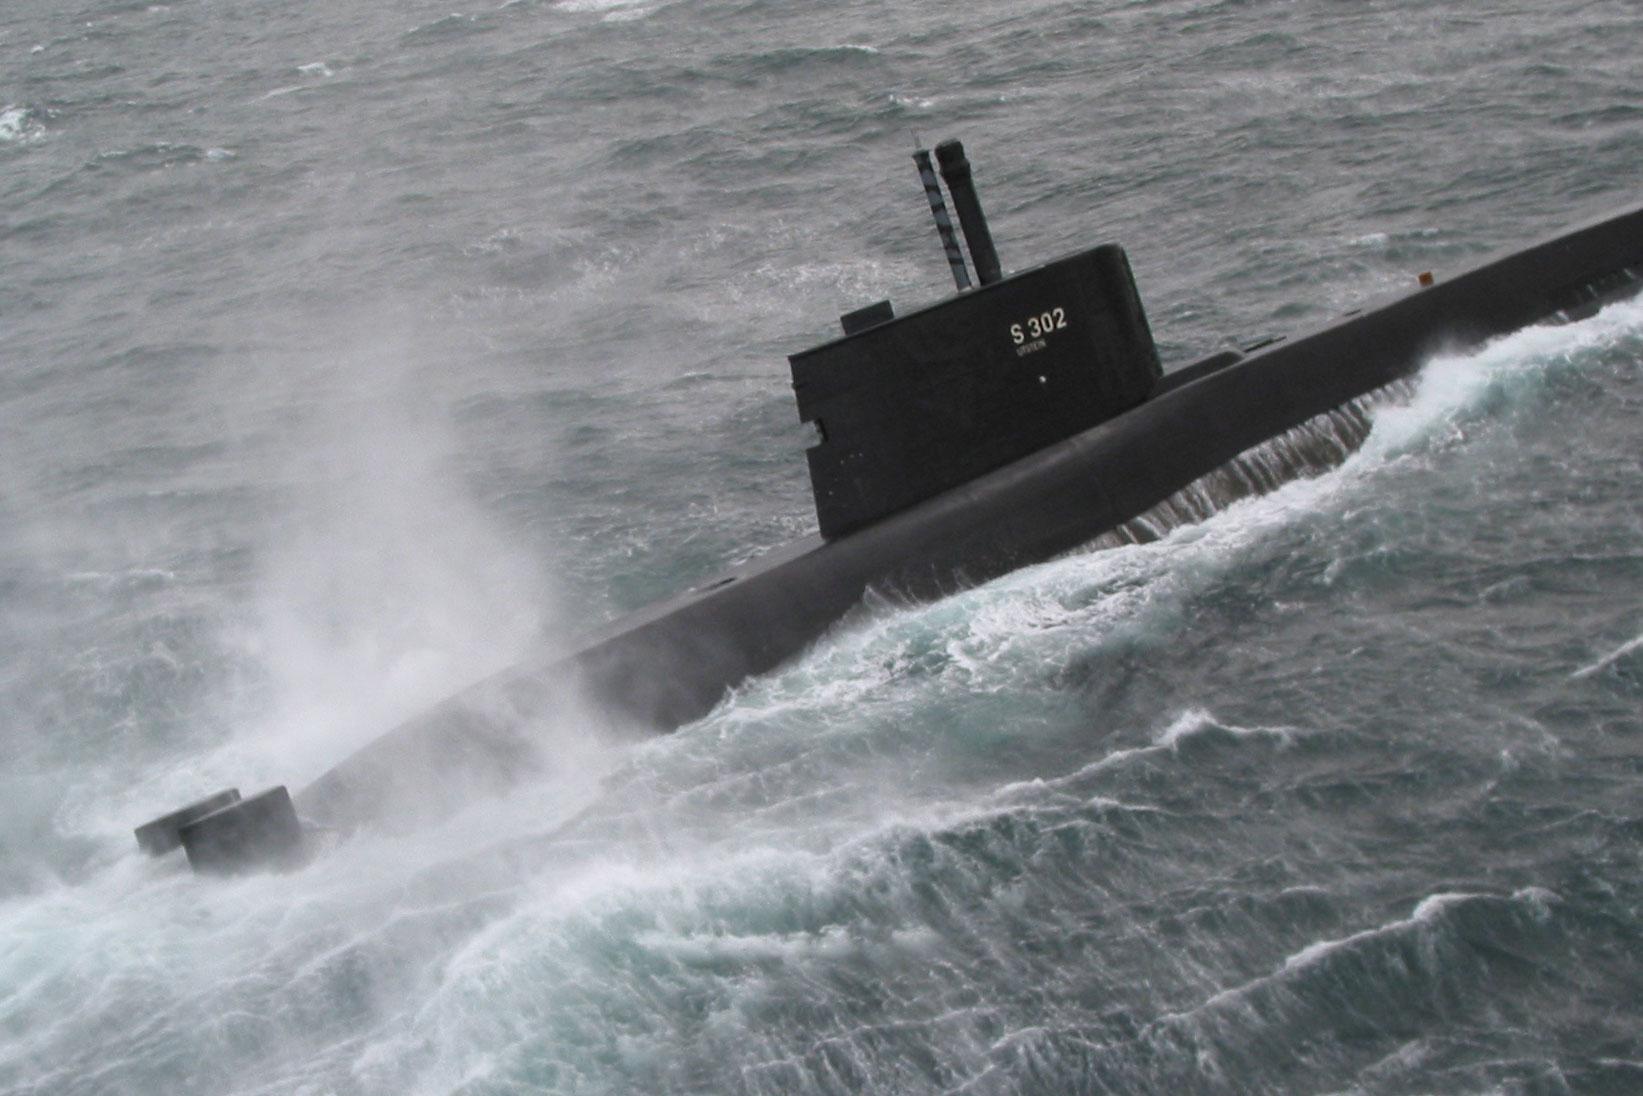 Norewegian ULA class submarine at surface